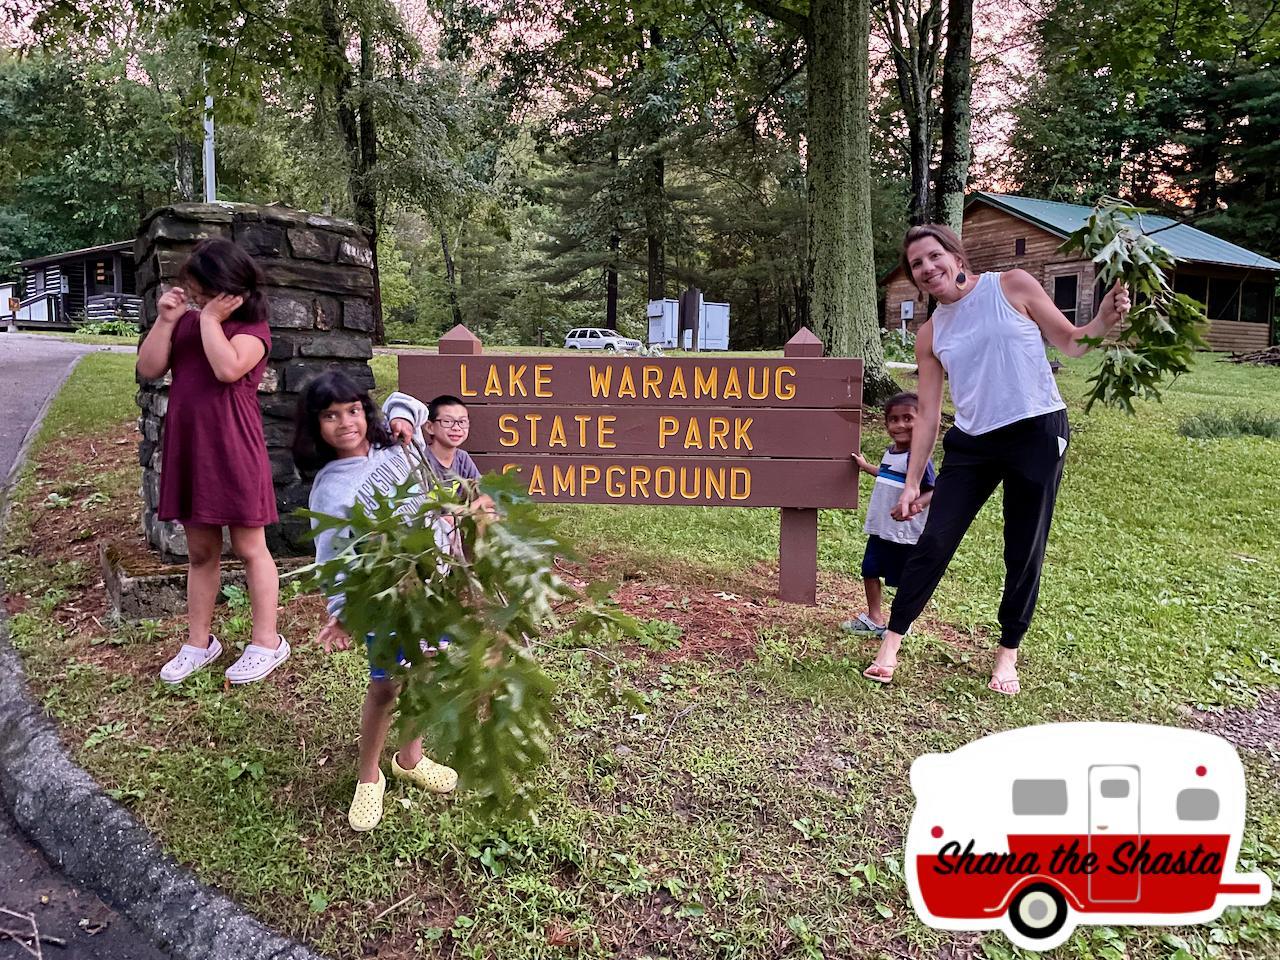 Lake-Waramaug-State-Park-Sign